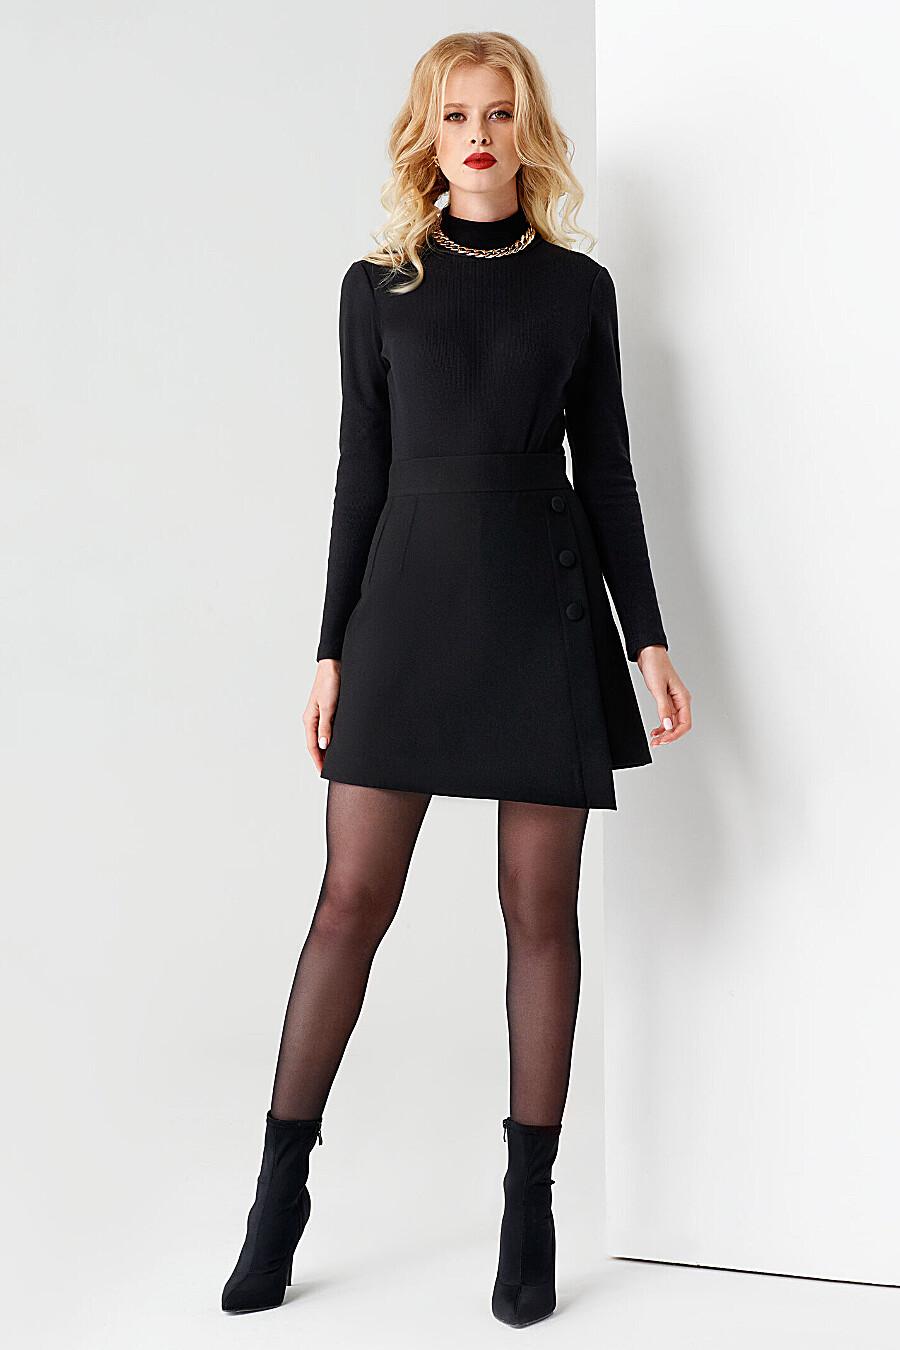 Юбка для женщин PANDA 700508 купить оптом от производителя. Совместная покупка женской одежды в OptMoyo